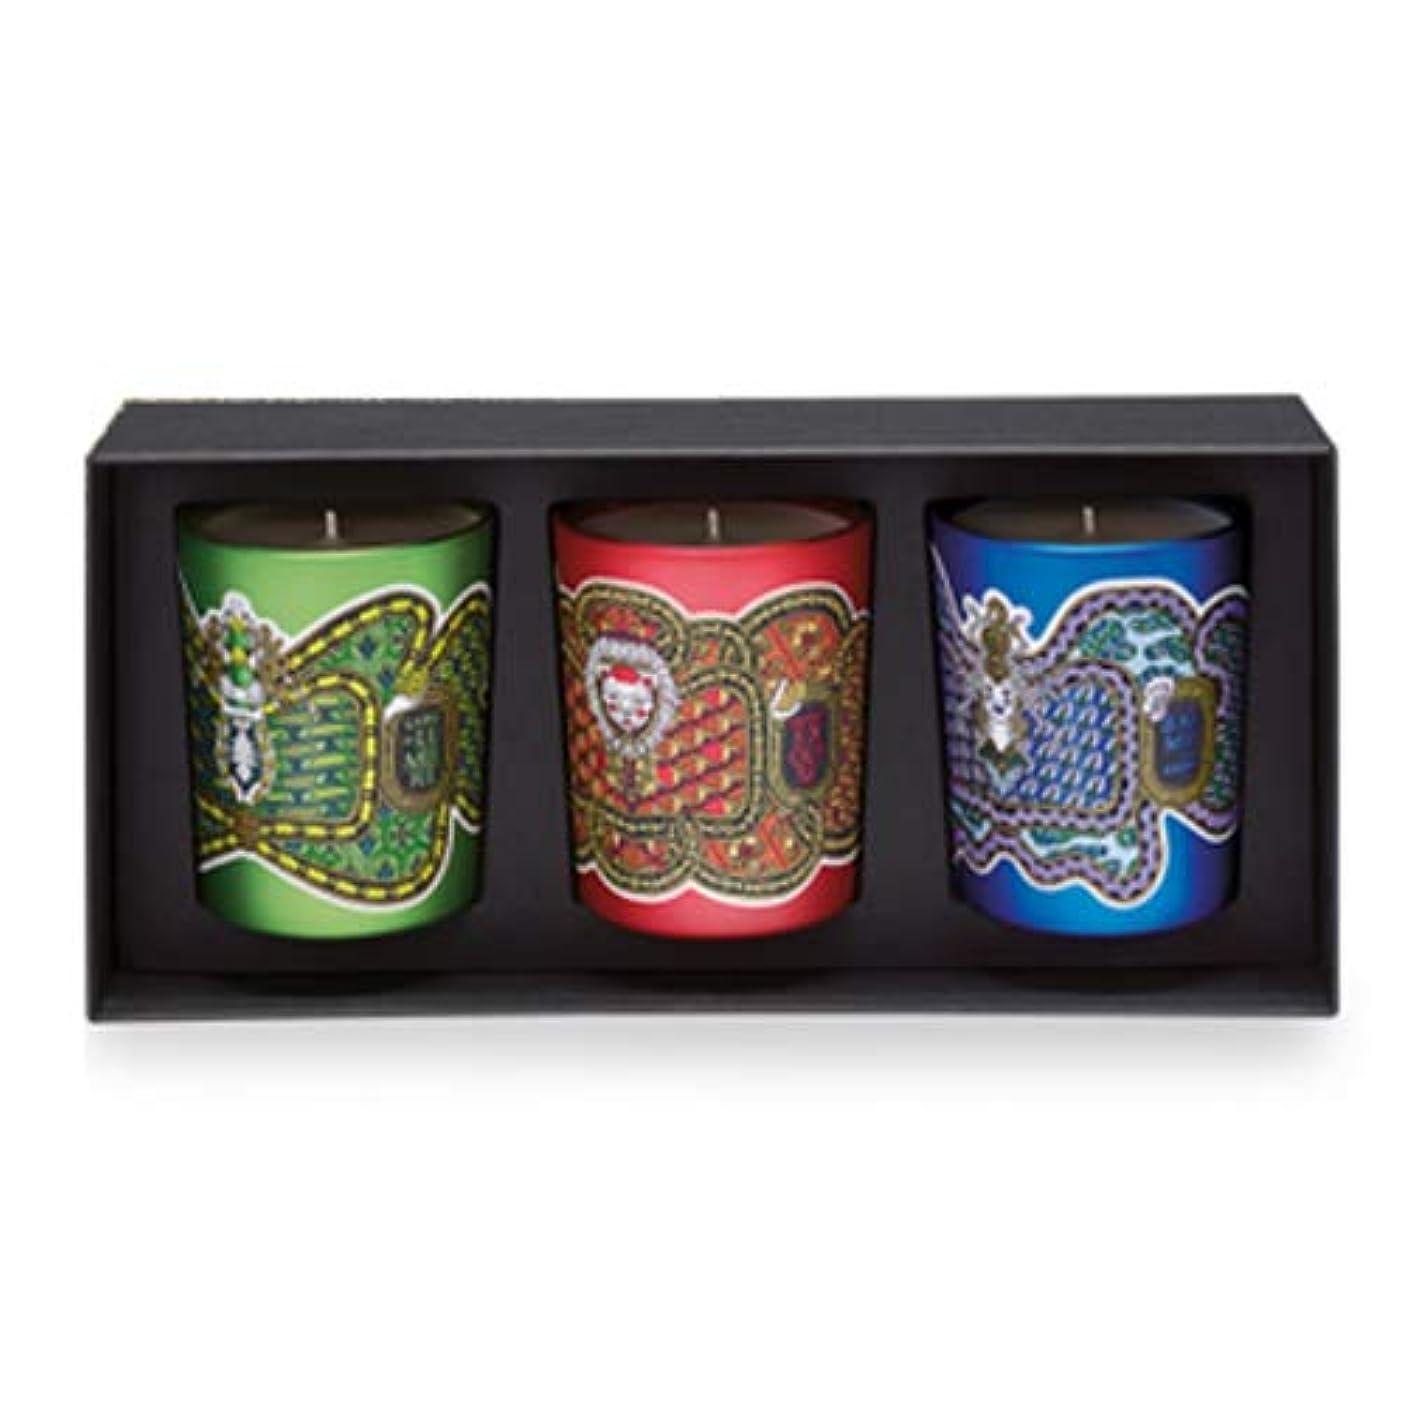 効果的に赤面光景ディプティック フレグランス キャンドル コフレ 3種類の香り 190g×3 DIPTYQUE LEGENDE DU NORD SCENTED HOLIDAY 3 CANDLE SET [6586] [並行輸入品]